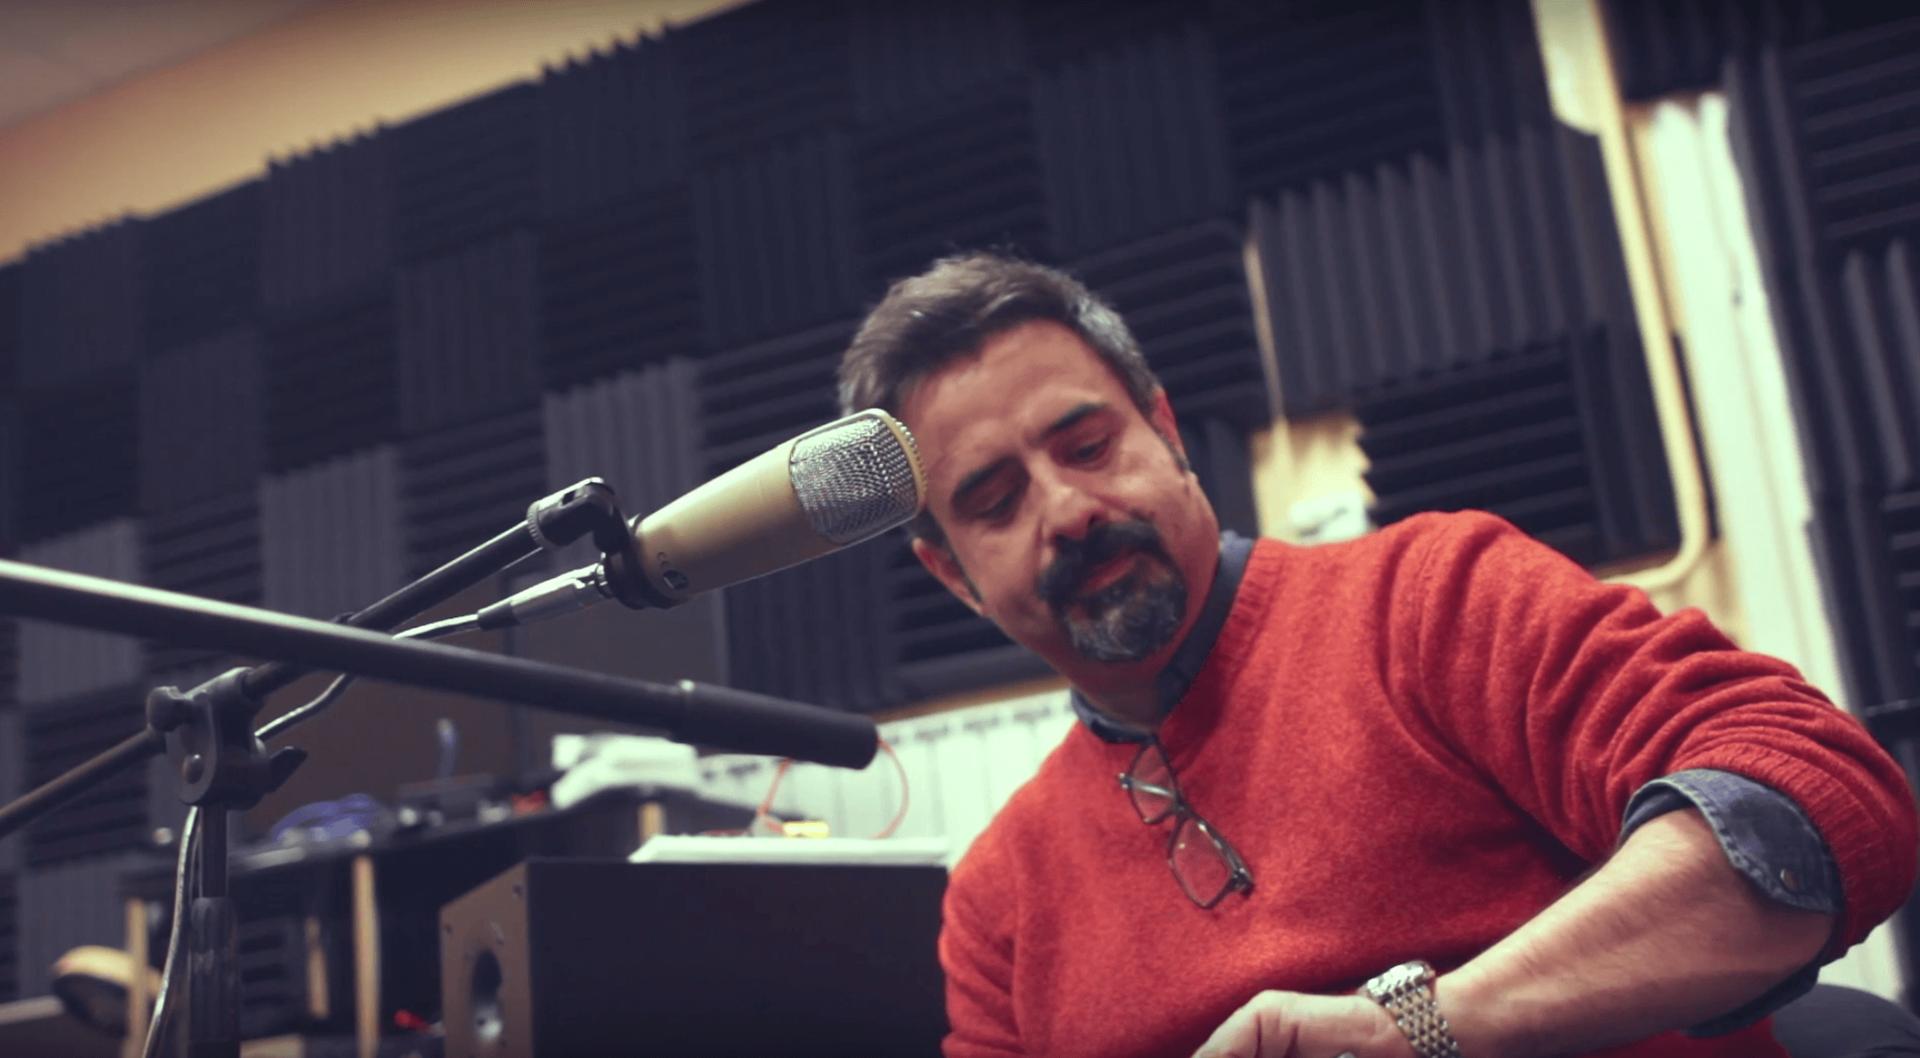 «Как это работает»: Радио — конец прекрасной эпохи - 2